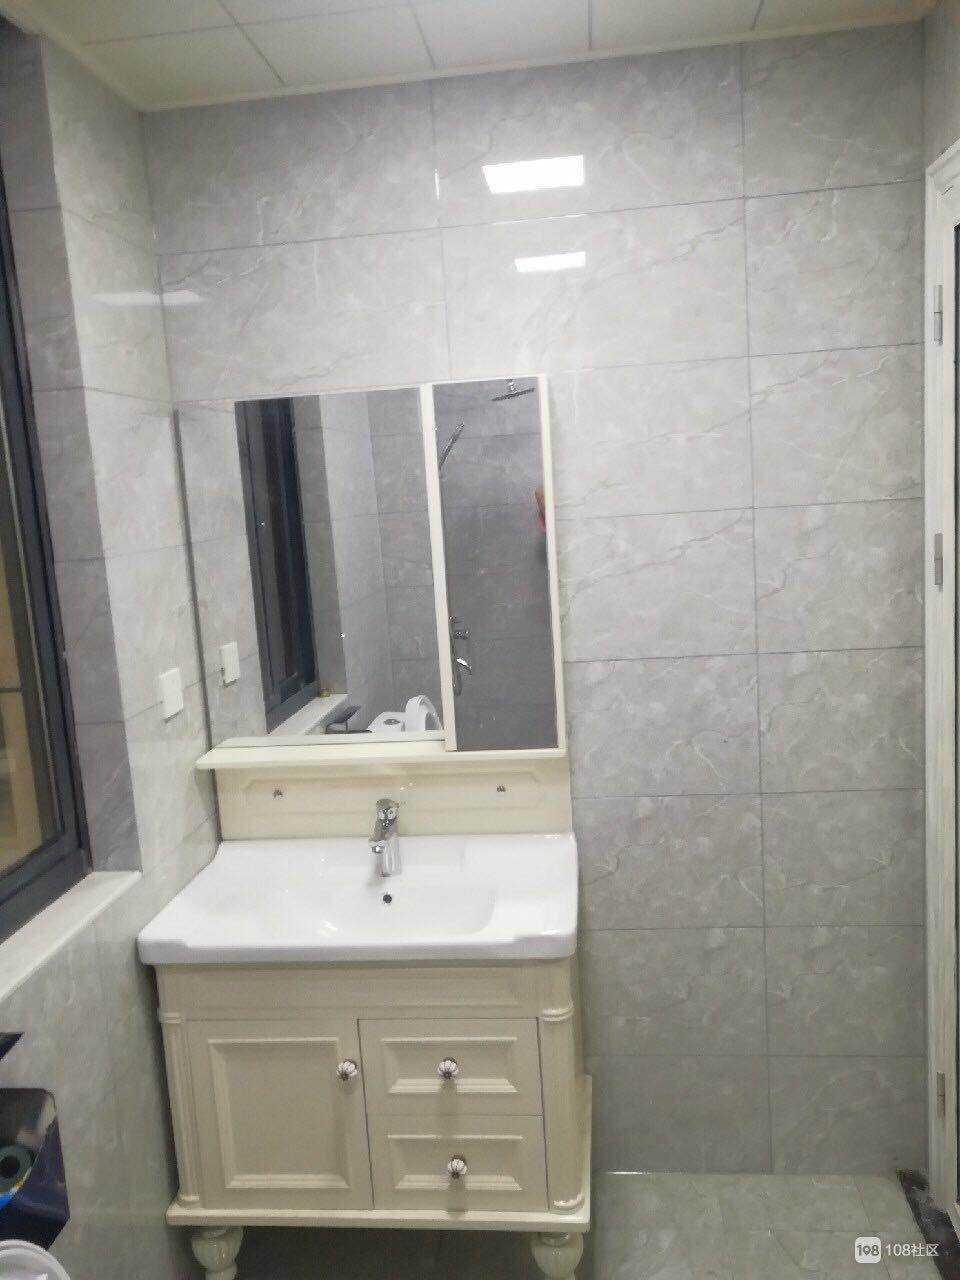 05115.出租玉山公馆15楼,三室两厅一厨一卫,精装修,自住标准,2600元/月的实拍照片